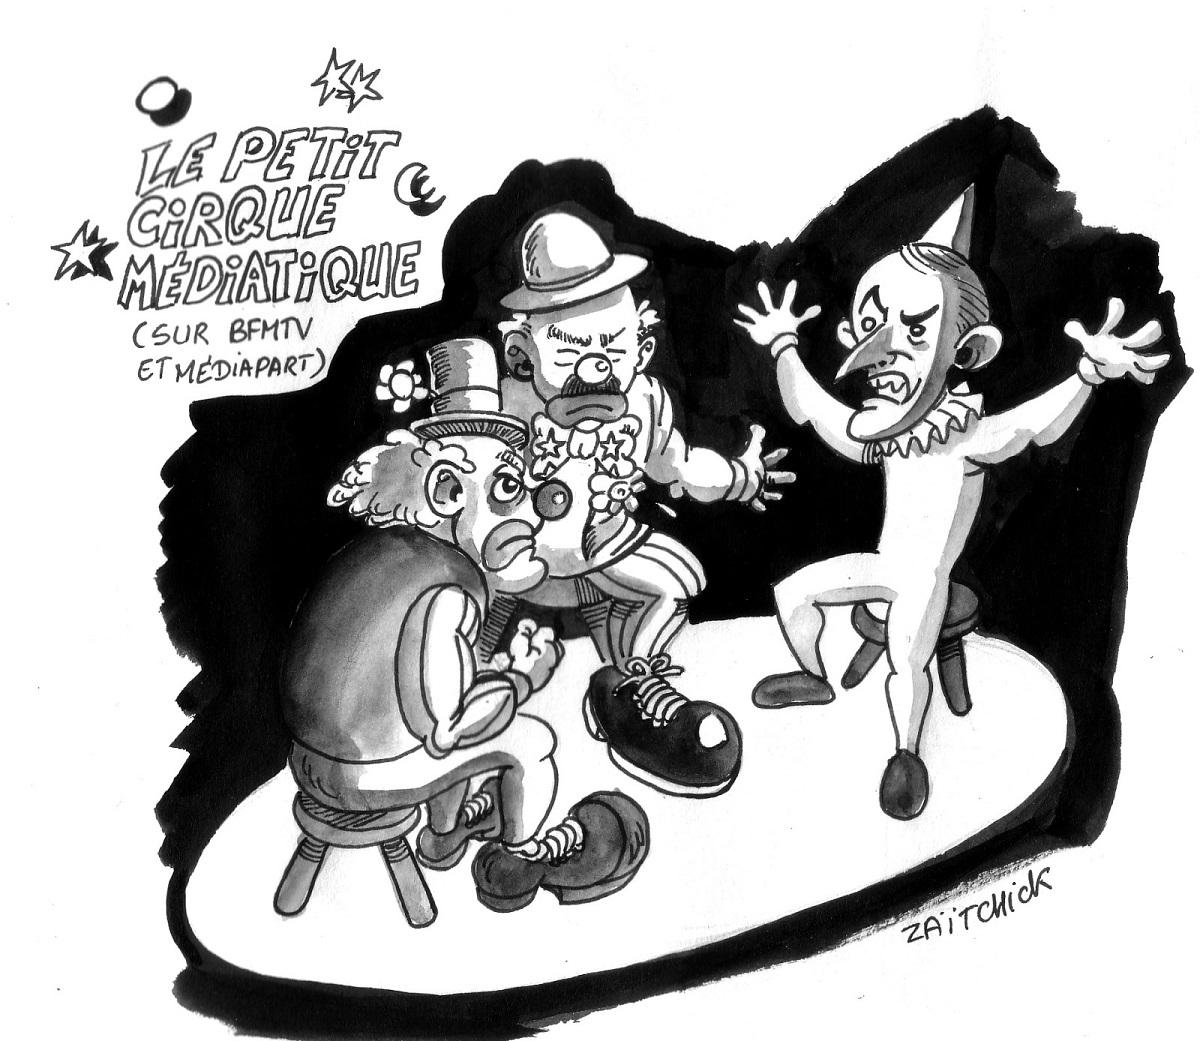 dessin d'actualité humoristique d'Emmanuel Macron, Edwy Plenel et Jean-Jacques Bourdin dans le petit cirque médiatique